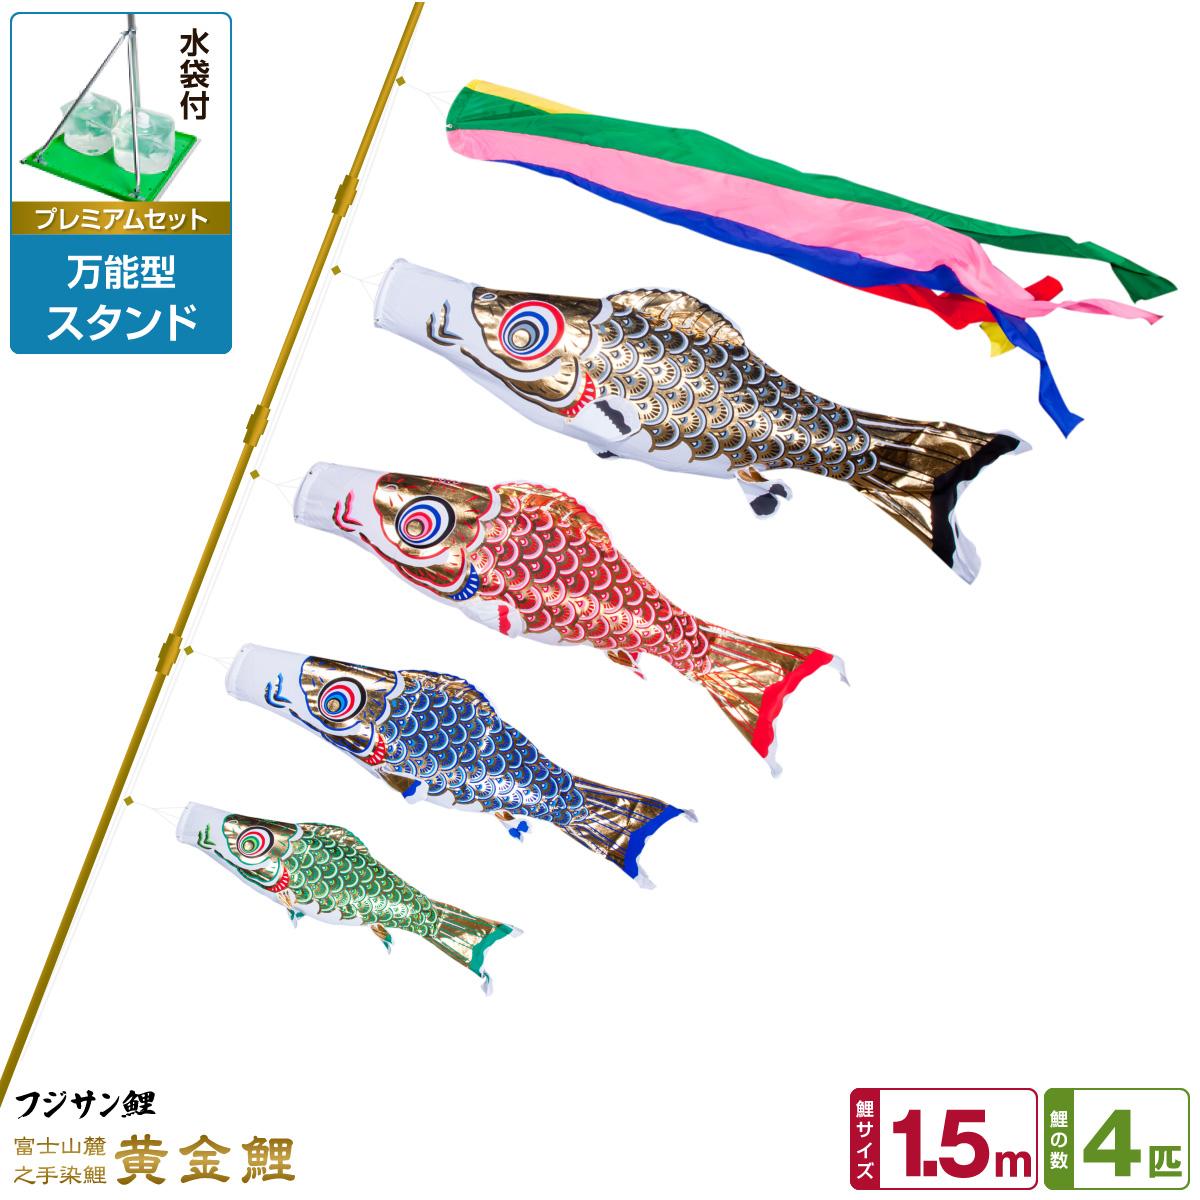 ベランダ用 こいのぼり 鯉のぼり フジサン鯉 黄金鯉 1.5m 7点(吹流し+鯉4匹+矢車+ロープ)/プレミアムセット(万能スタンド)